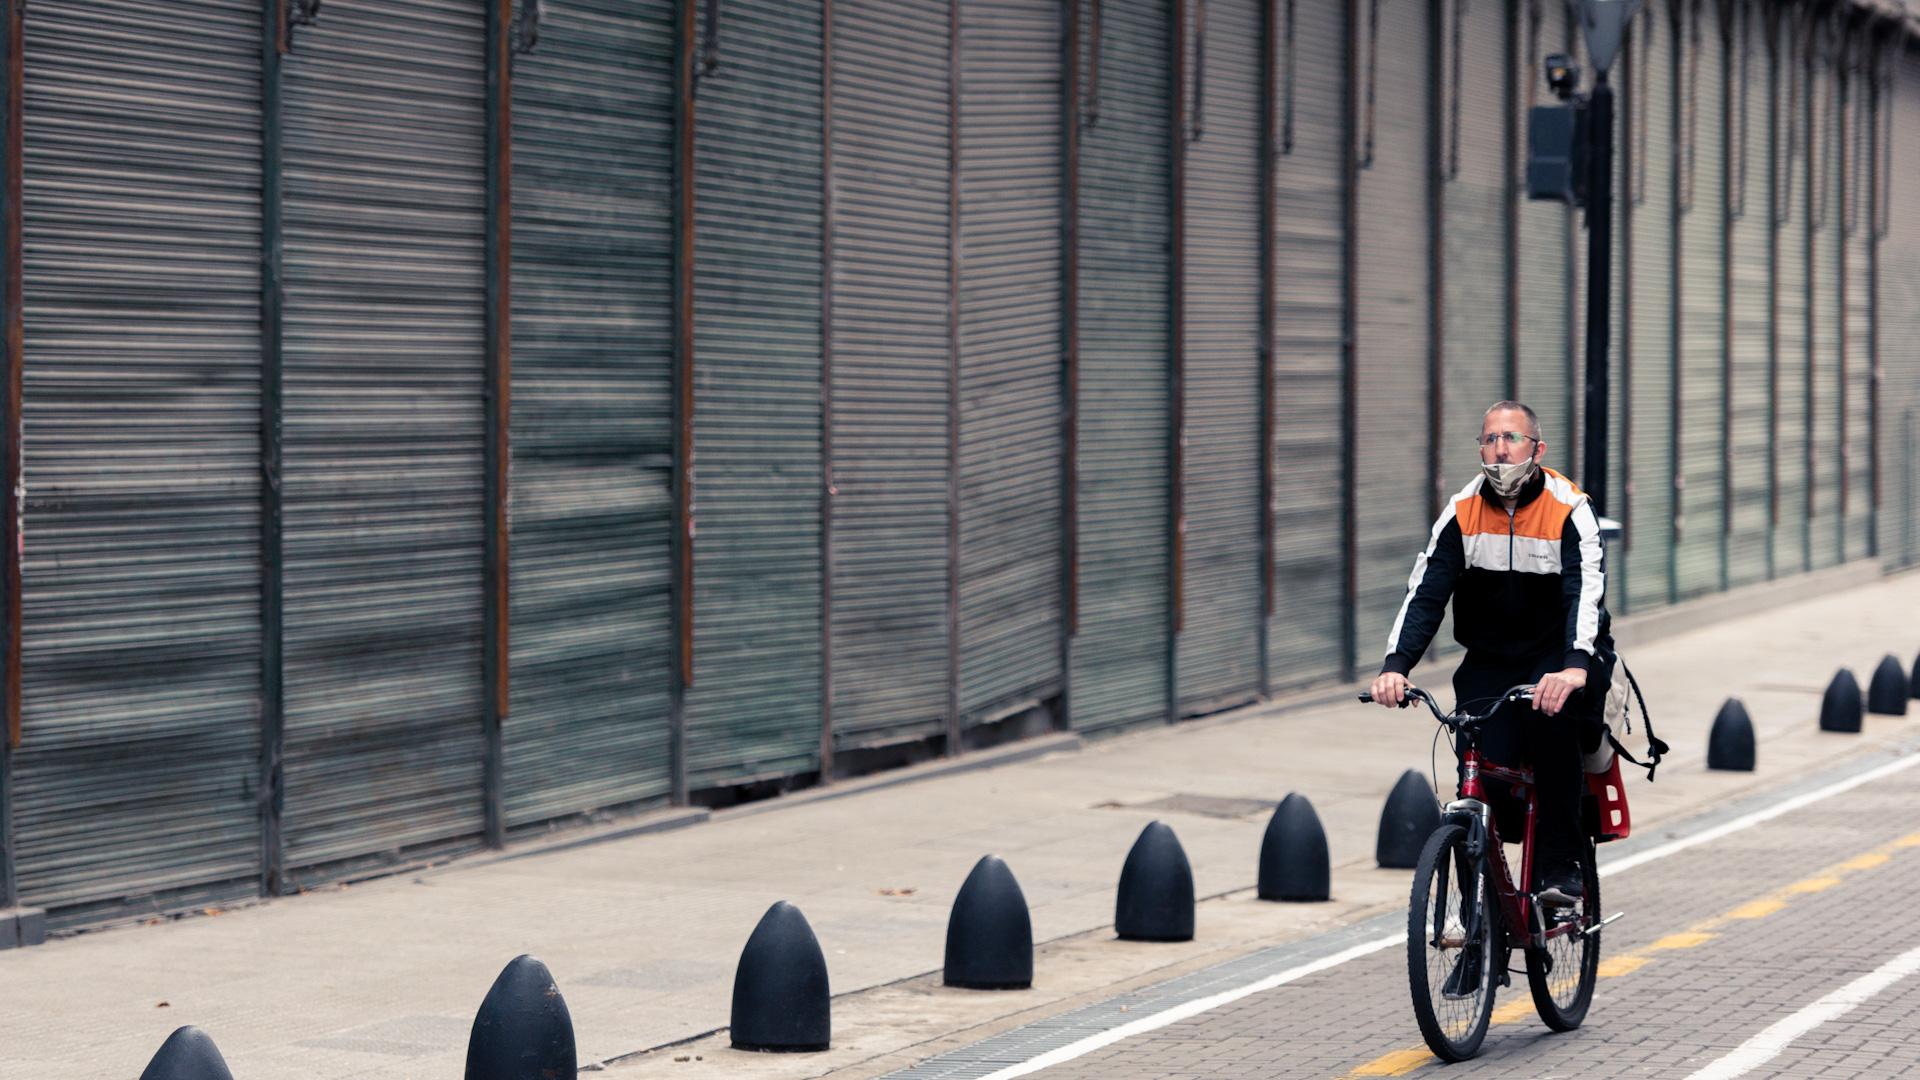 La congestión registró aumentos de 8% y en los accesos a la Ciudad se detectaron subas mayores al 10%.